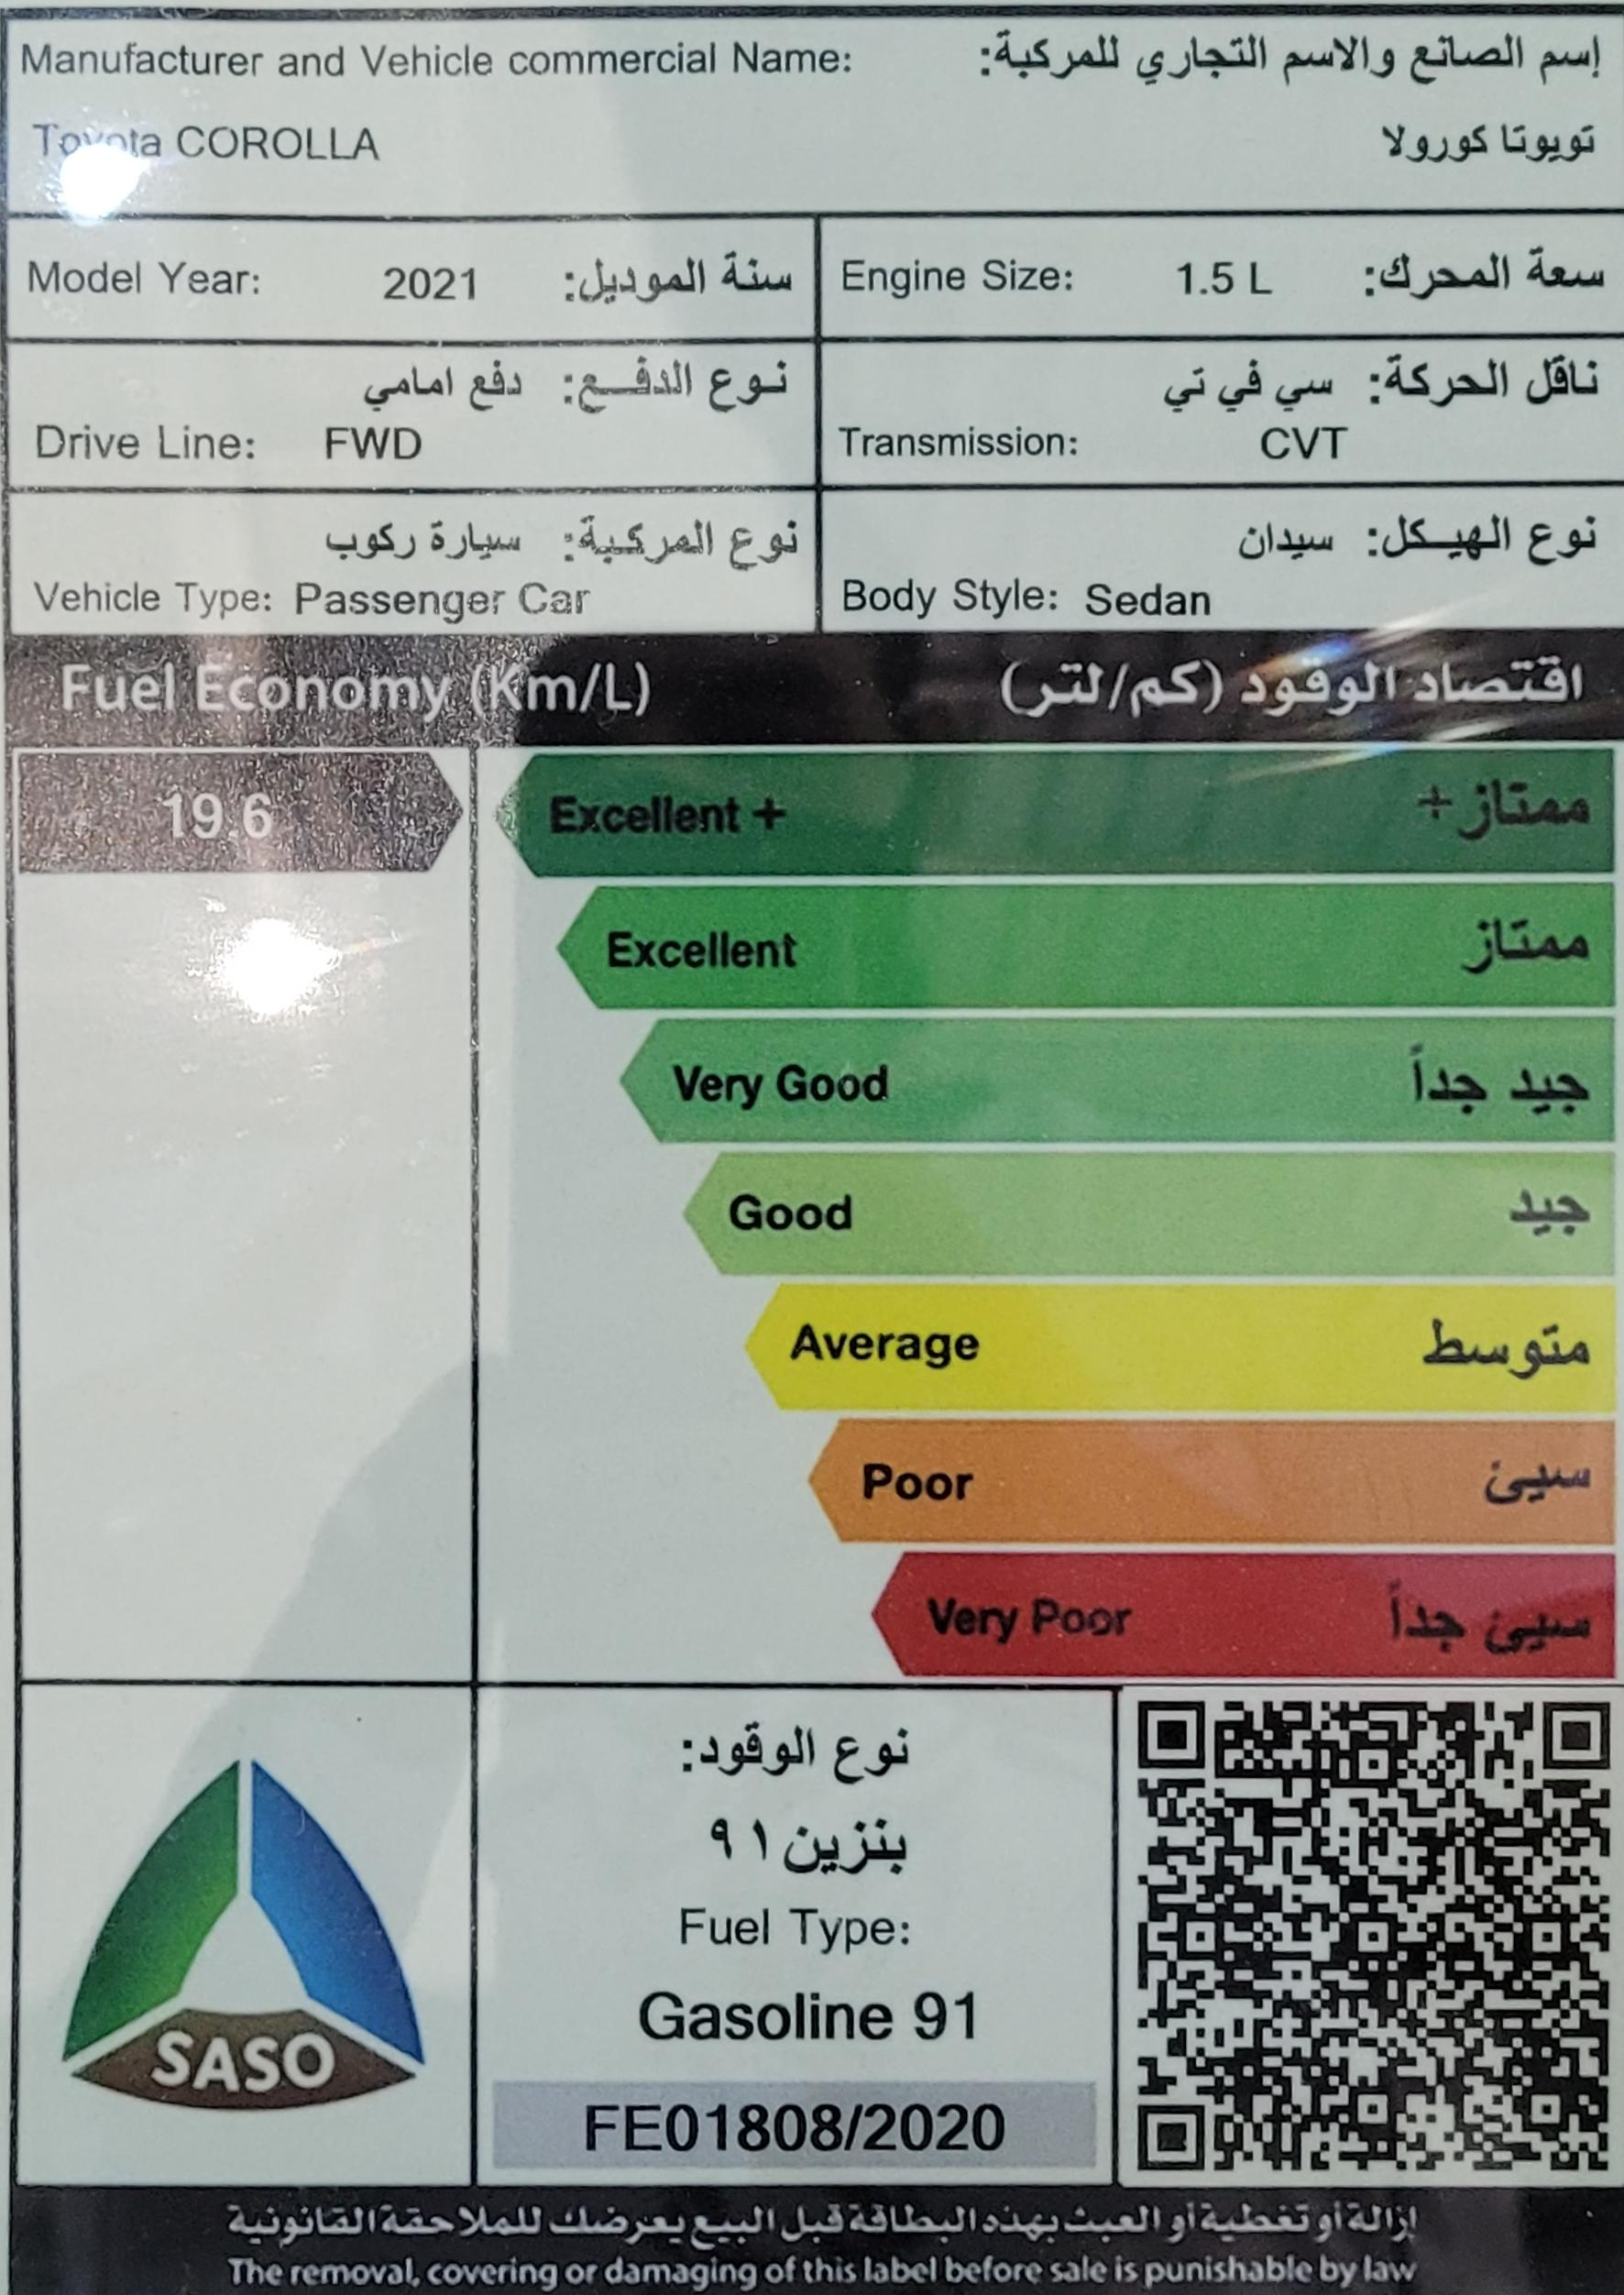 مباع - تويوتا كورولا XLI ستاندر  2021 سعودي جديد للبيع في الرياض - السعودية - صورة كبيرة - 7